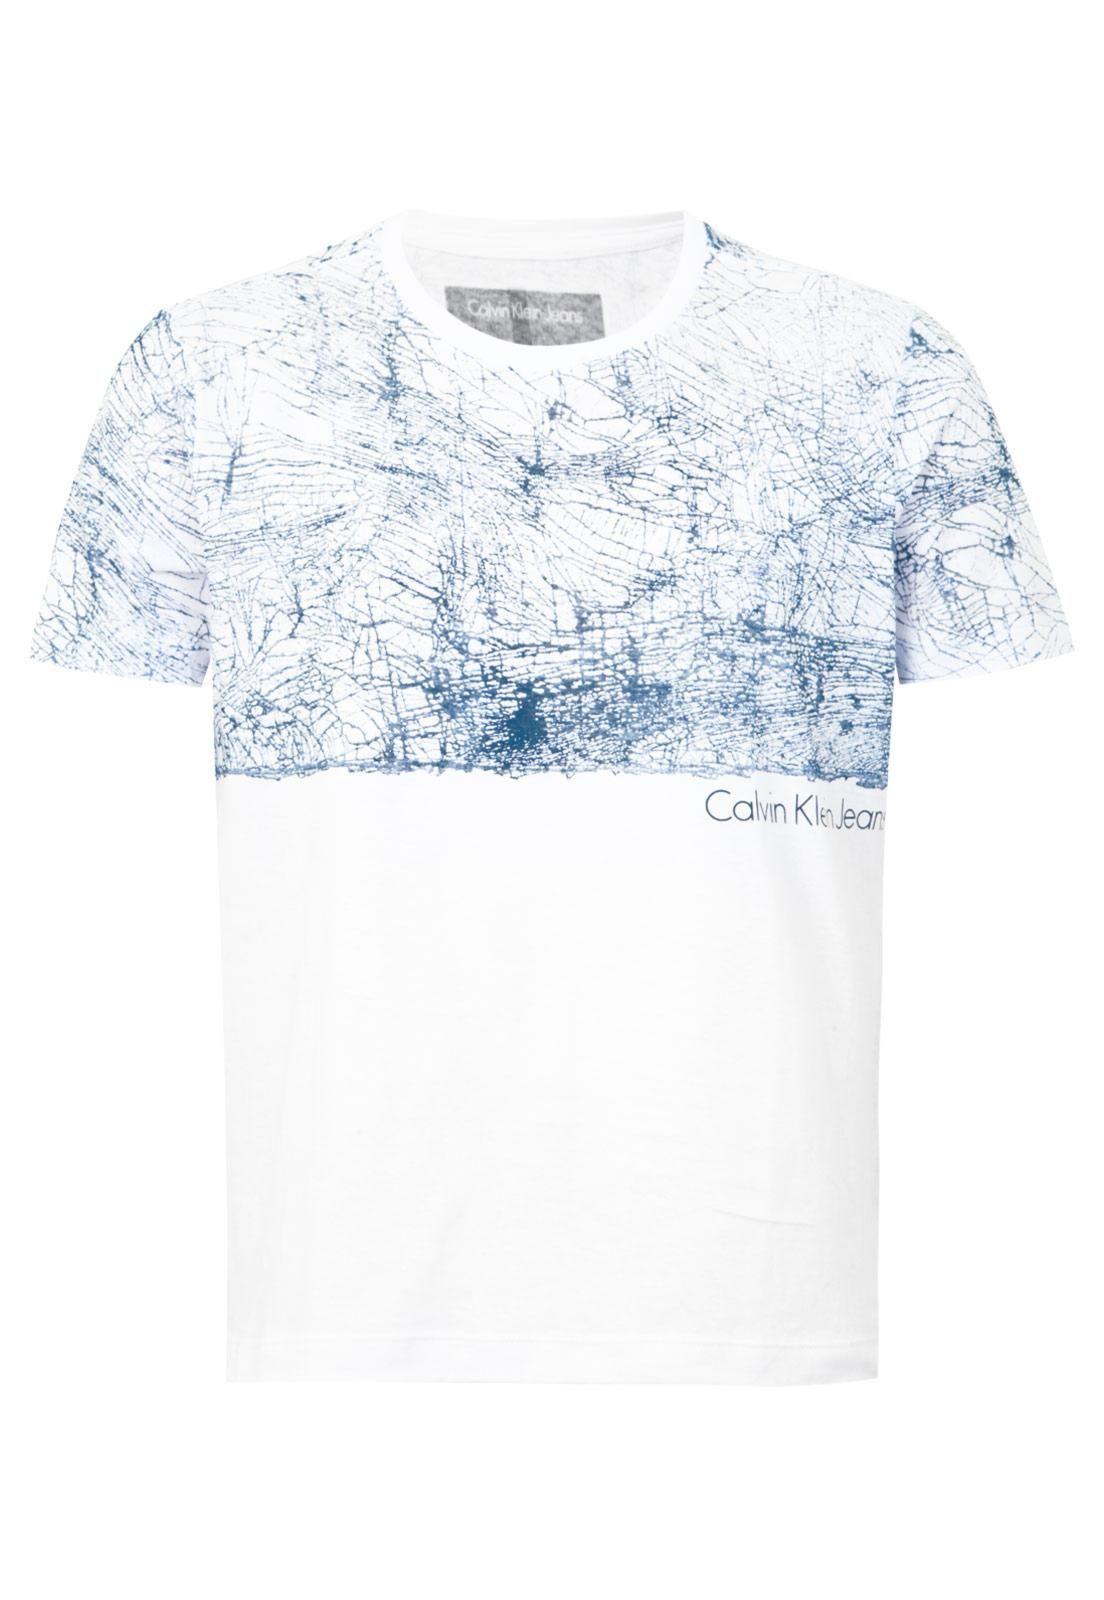 60a7ff8996 Calvin Klein | man | Boys t shirts, Printed shirts, Polo t shirts